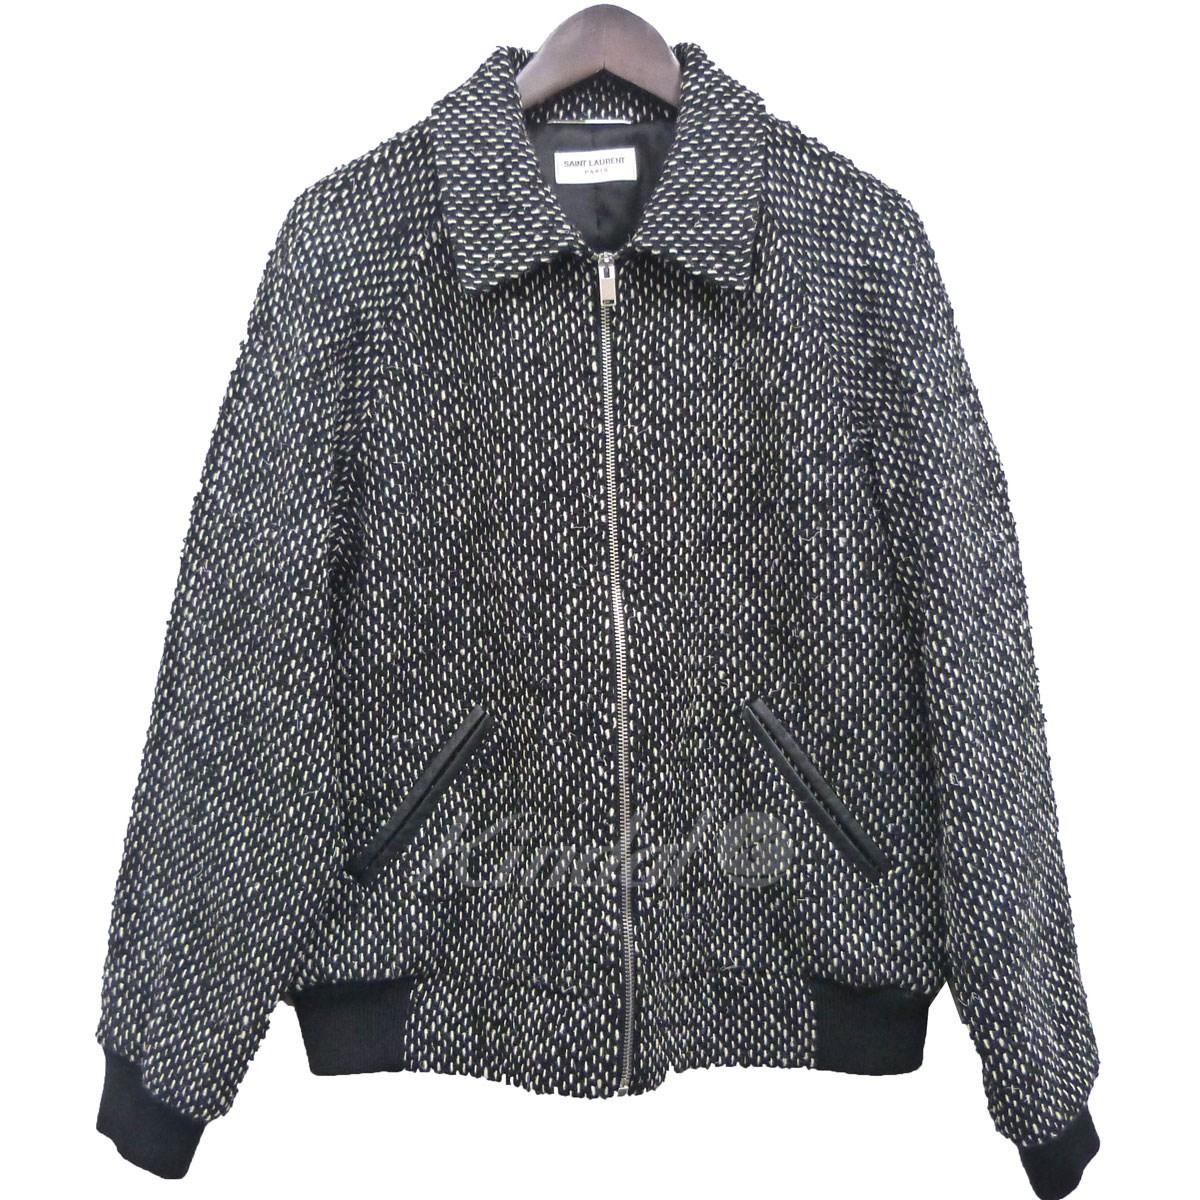 【中古】SAINT LAURENT PARIS 14AWツイードジャケット ブラック サイズ:50 【送料無料】 【031118】(サンローランパリ)